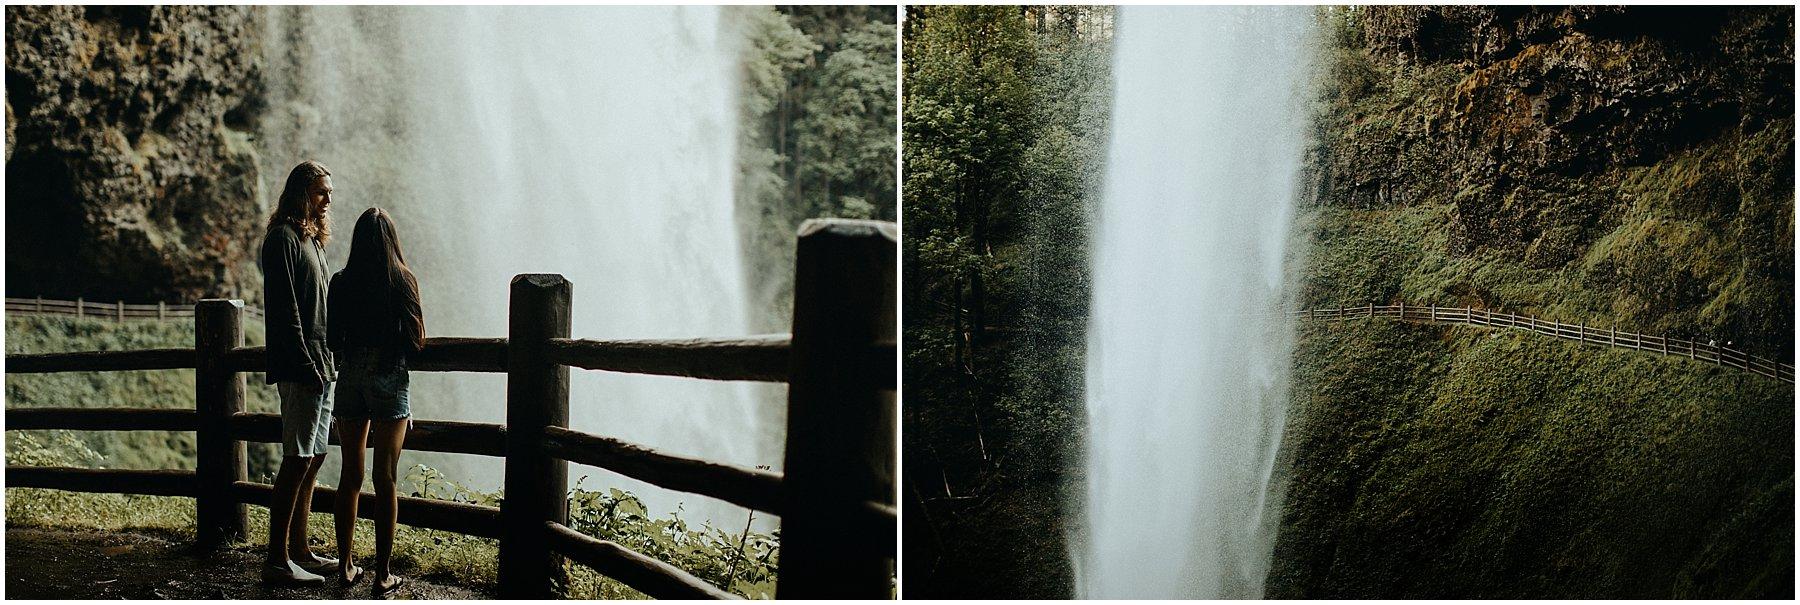 silver_falls_oregon_0004.jpg